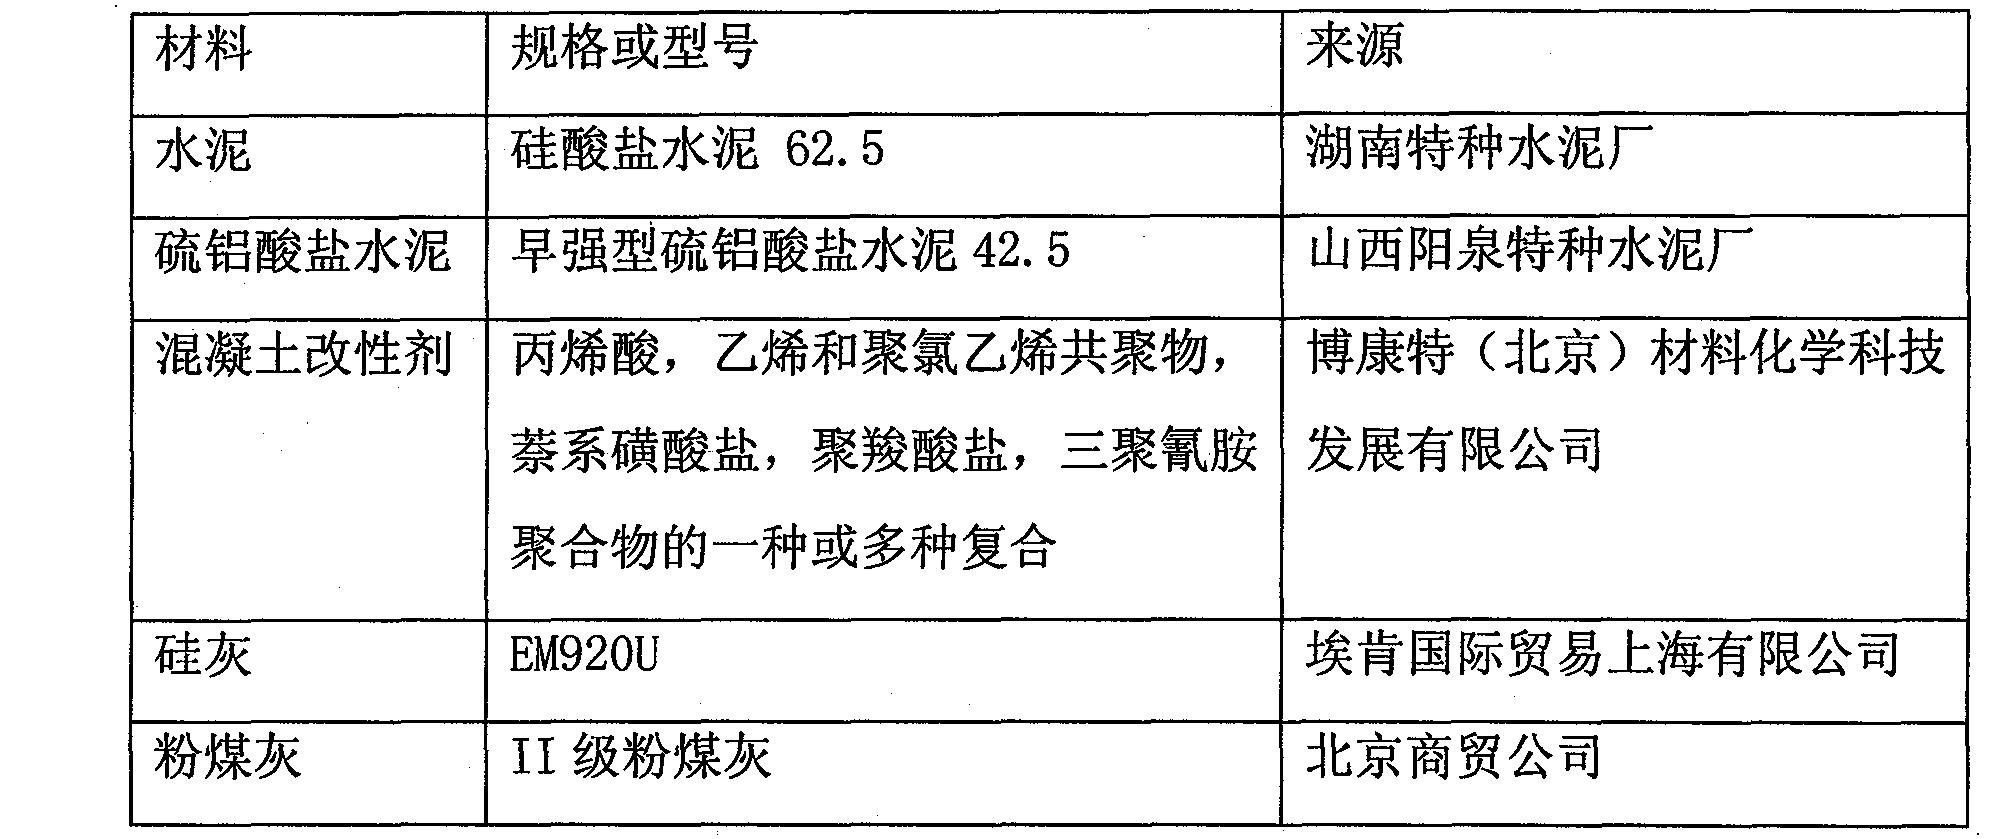 Figure CN104370510BD00051